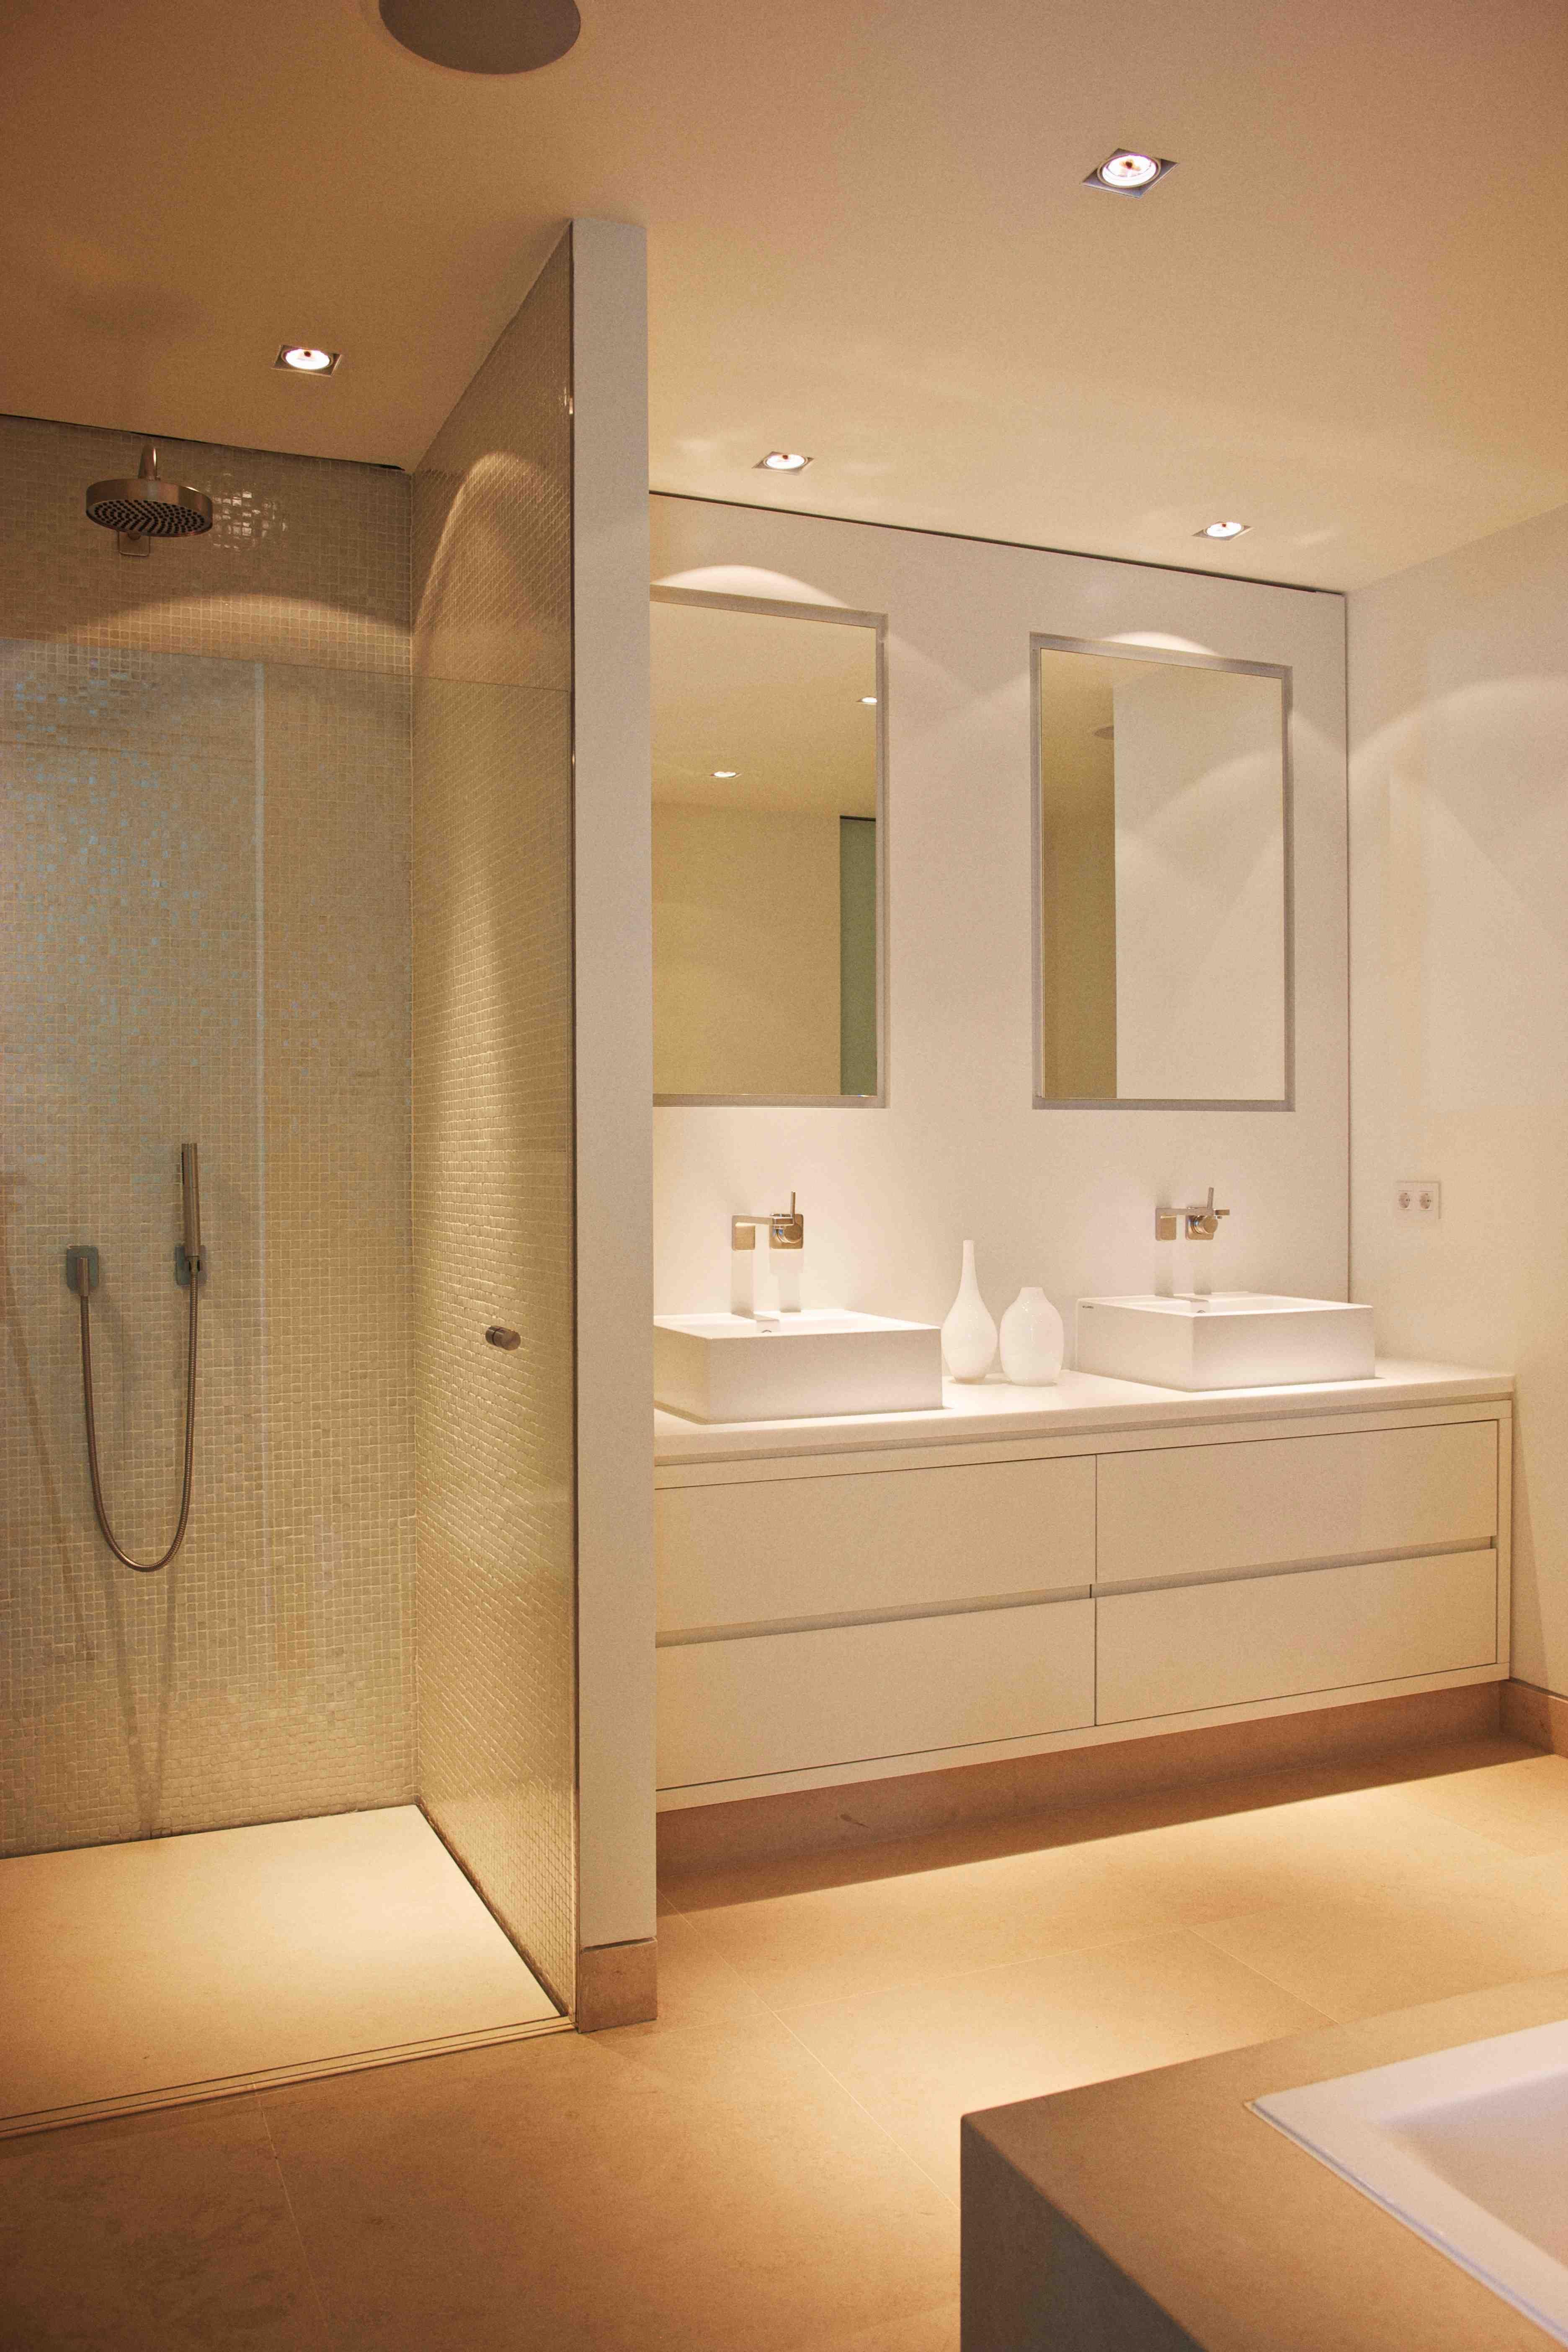 Wohnzimmerfliesen an der wand  bilder zu bathroom auf pinterest  toiletten glasmosaik